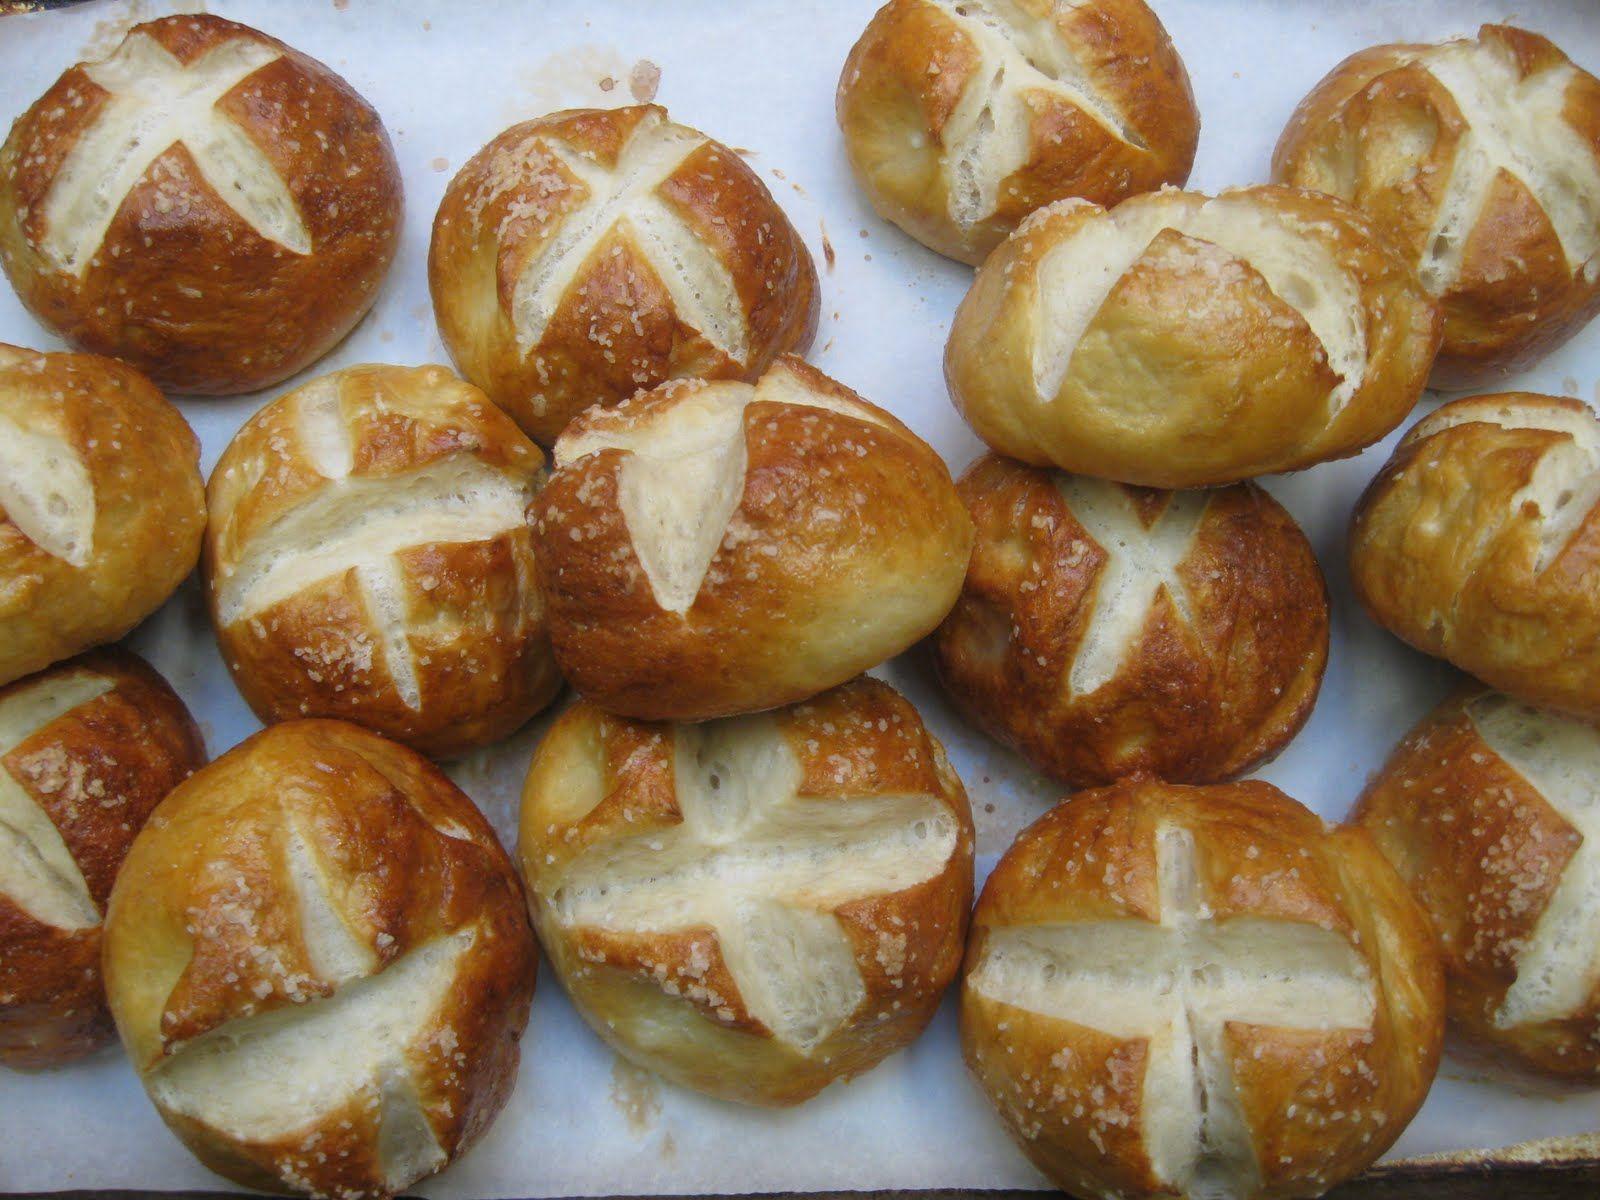 Pretzel rolls | Breakfast, breads, & baking | Pinterest